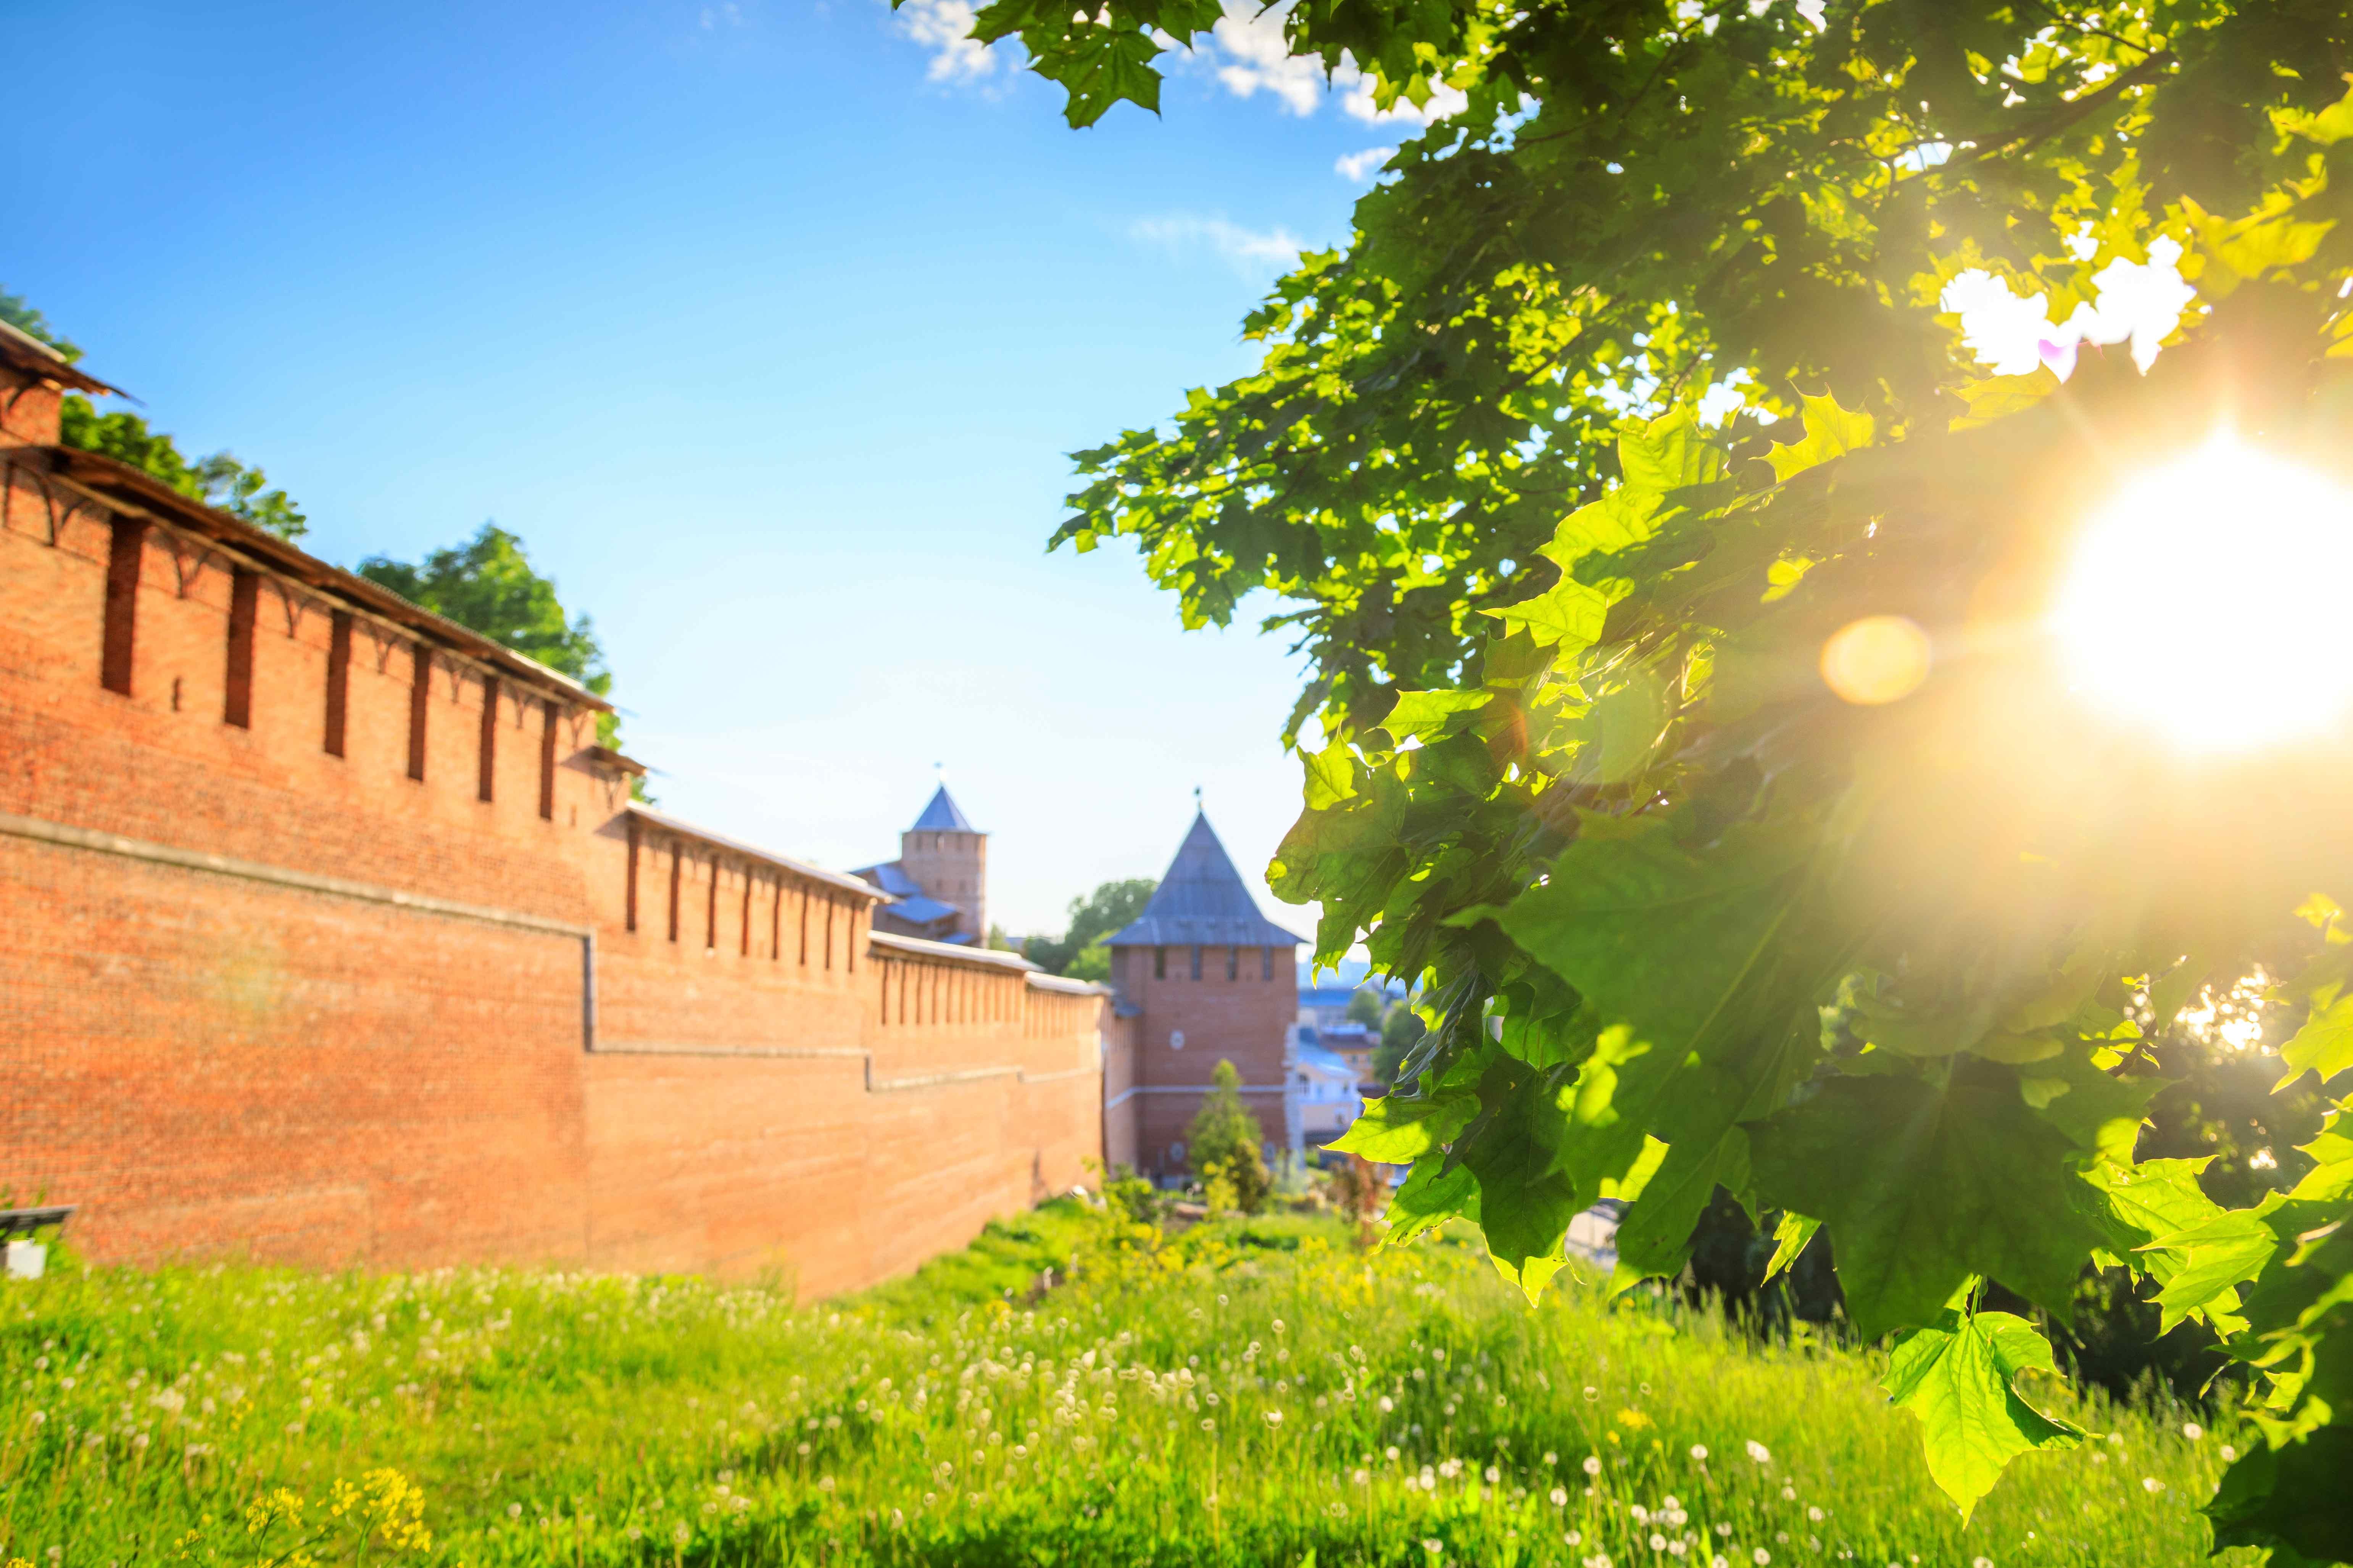 Нижний Новгород вошел в число самых дешевых направлений для отдыха в июле